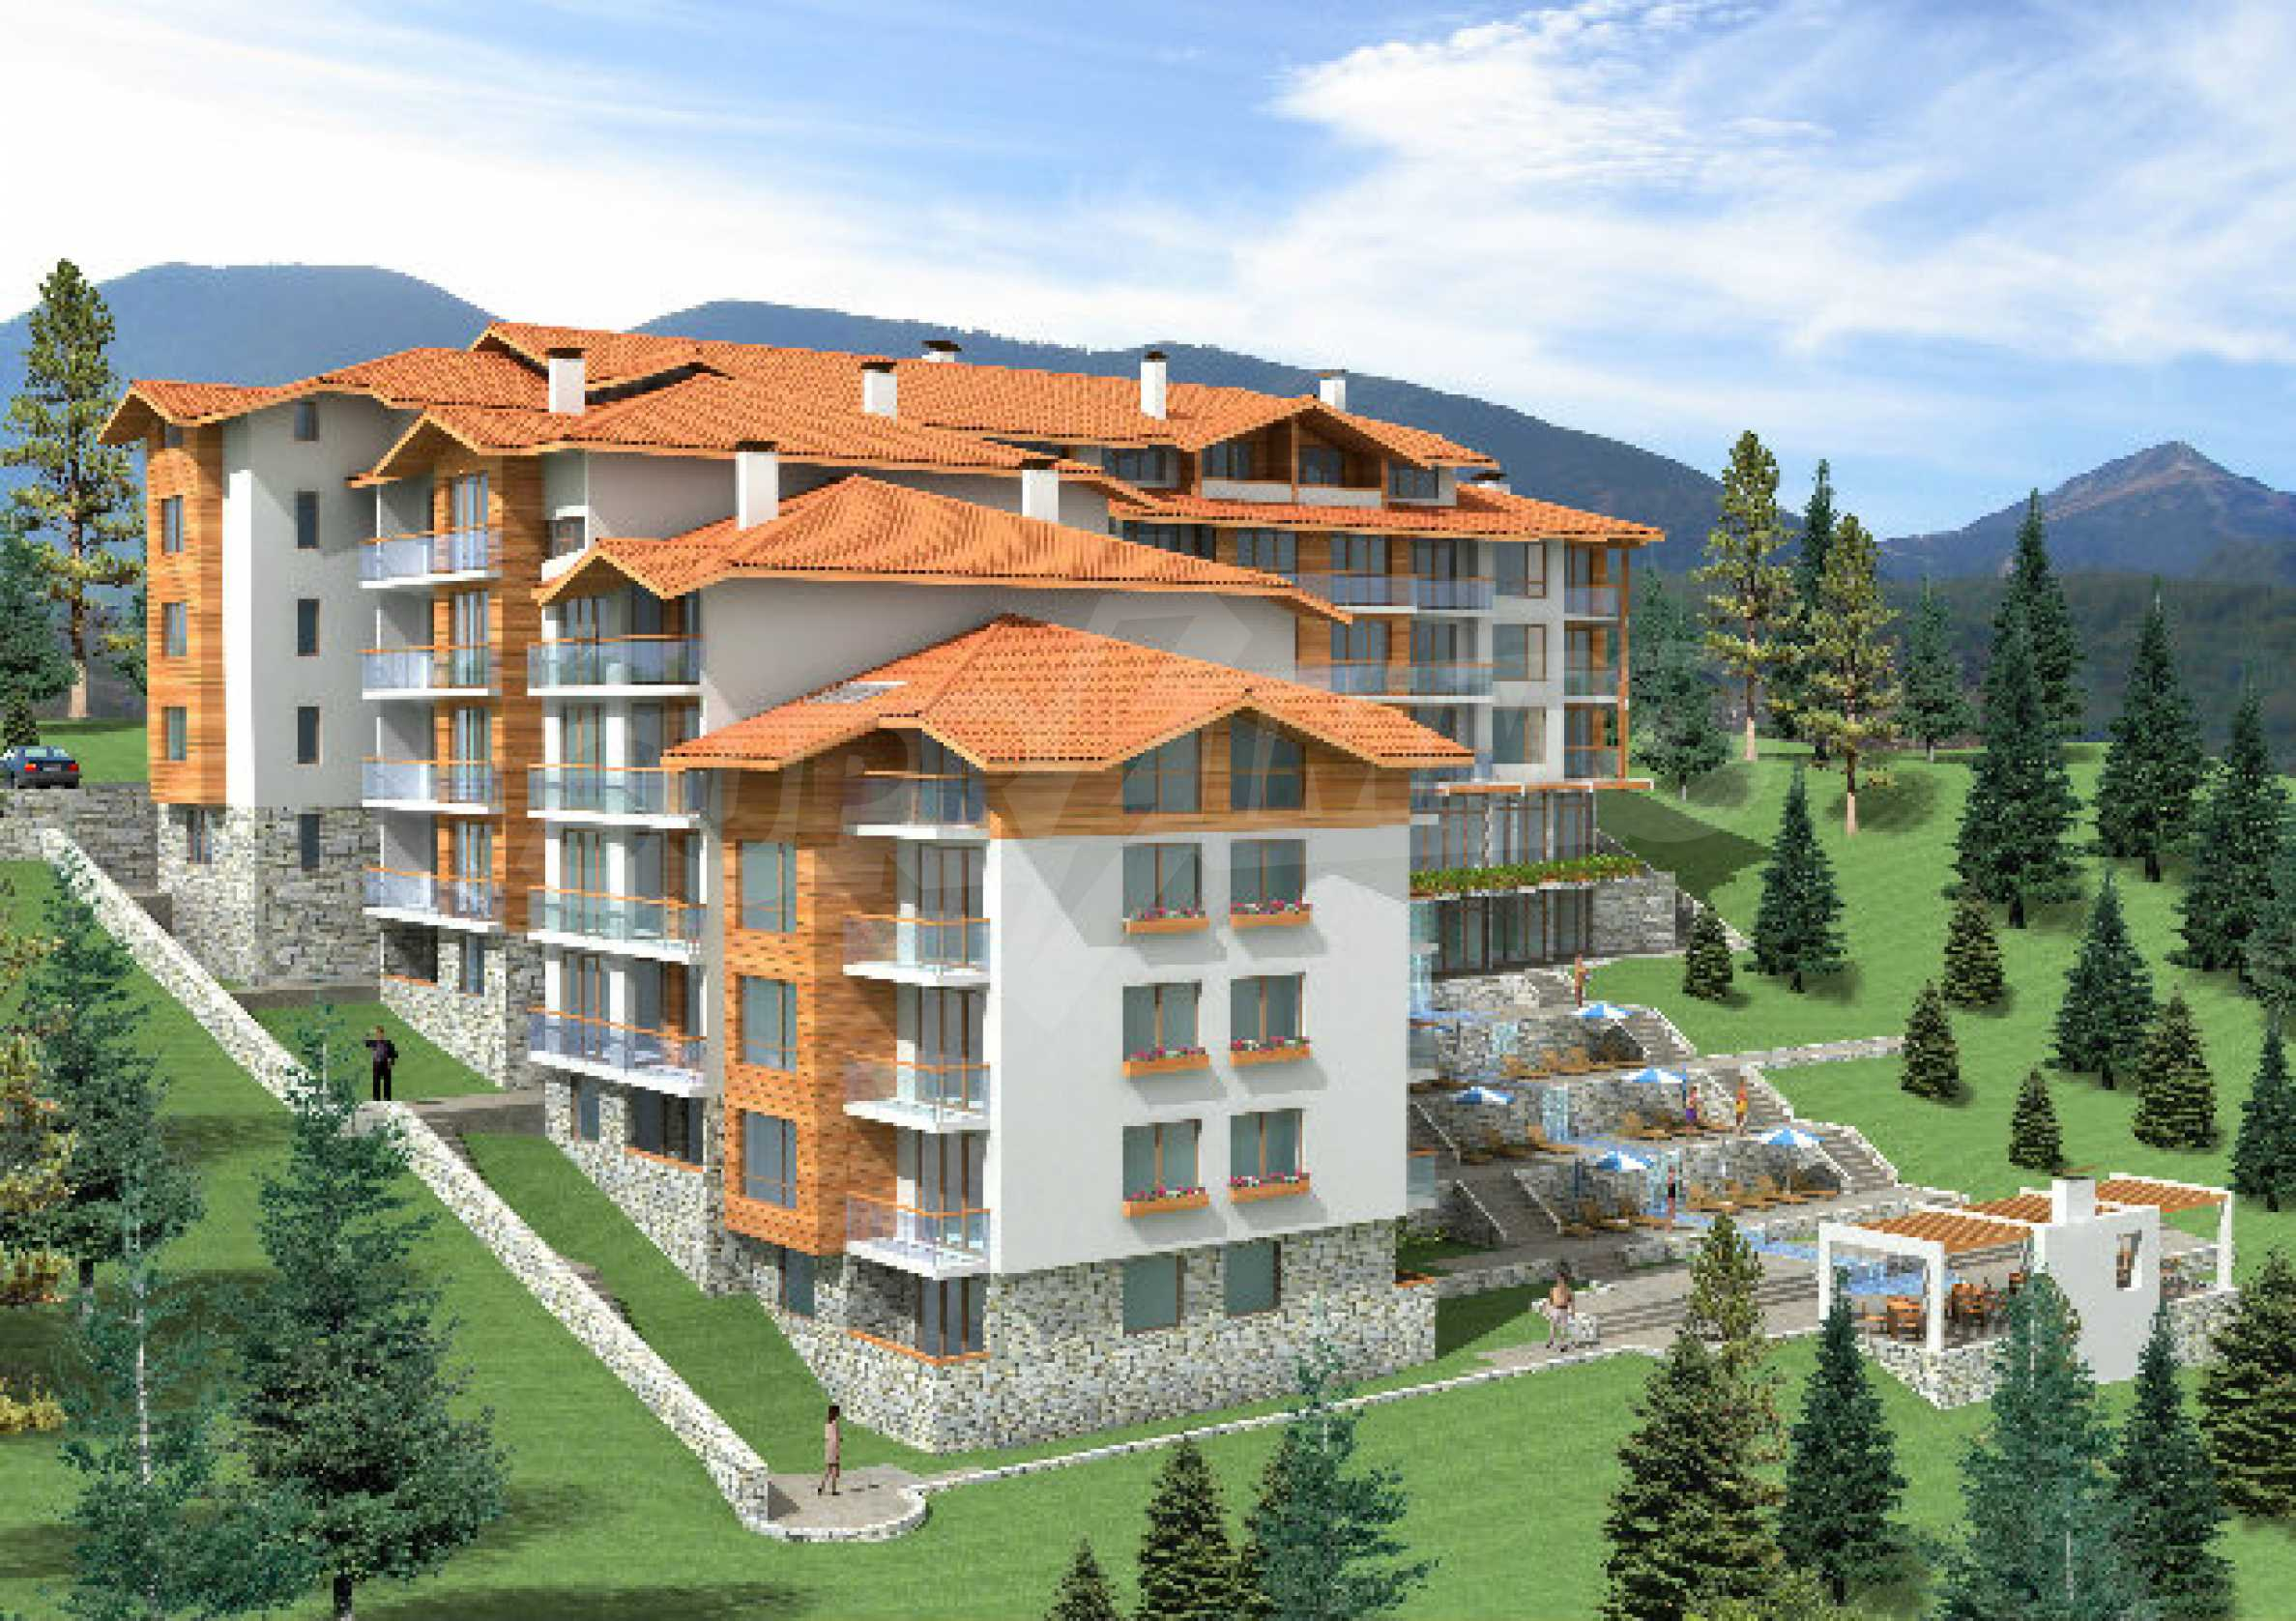 Geregeltes Grundstück mit Investitionsprojekt für den Bau eines Aparthotels in Bansko